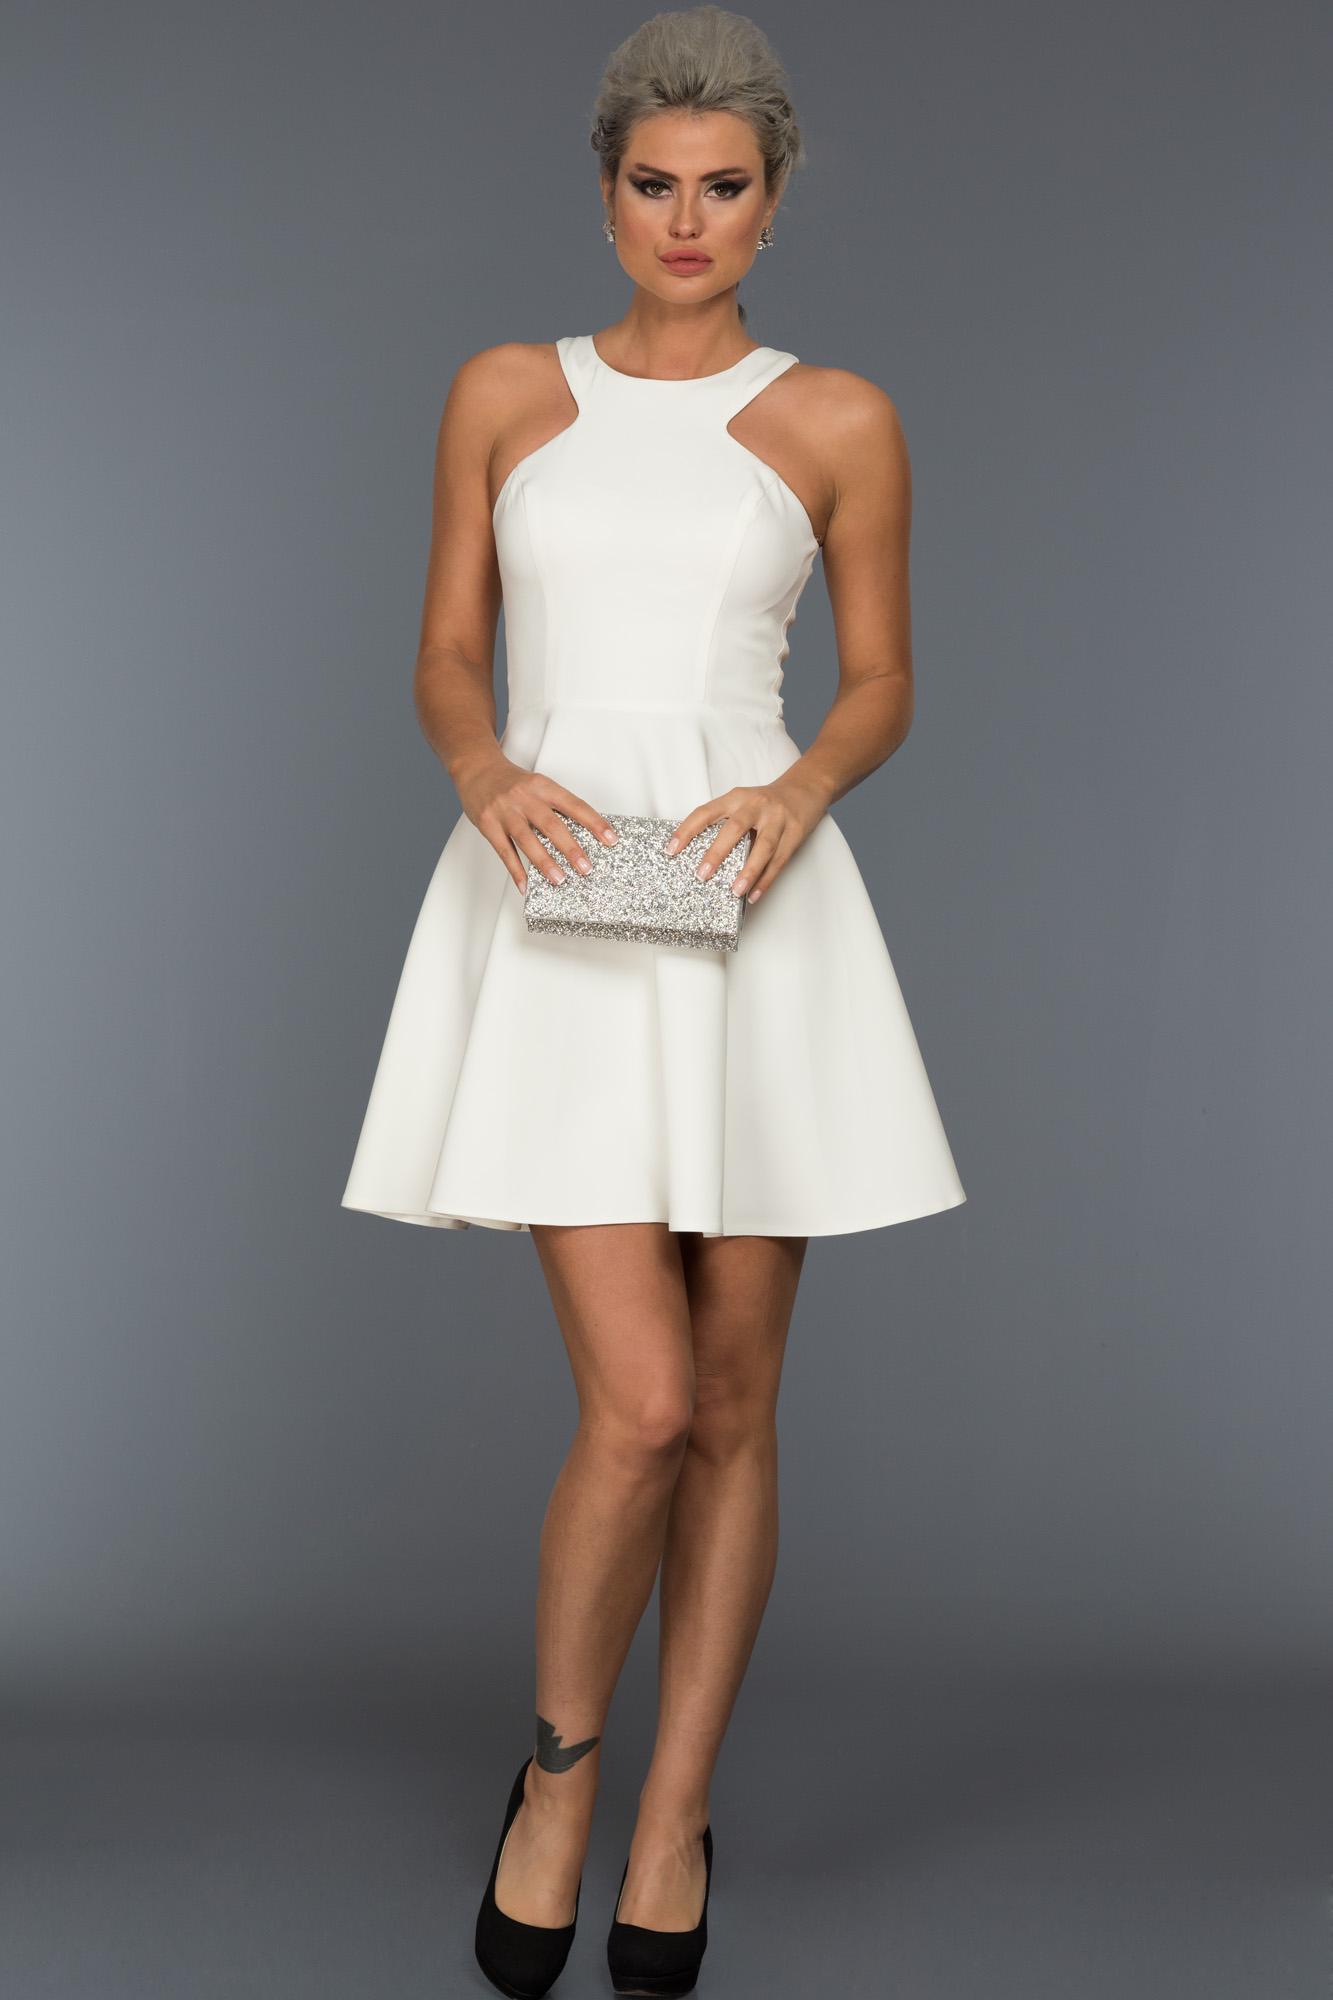 Beyaz Kısa Düz Abiye Elbise